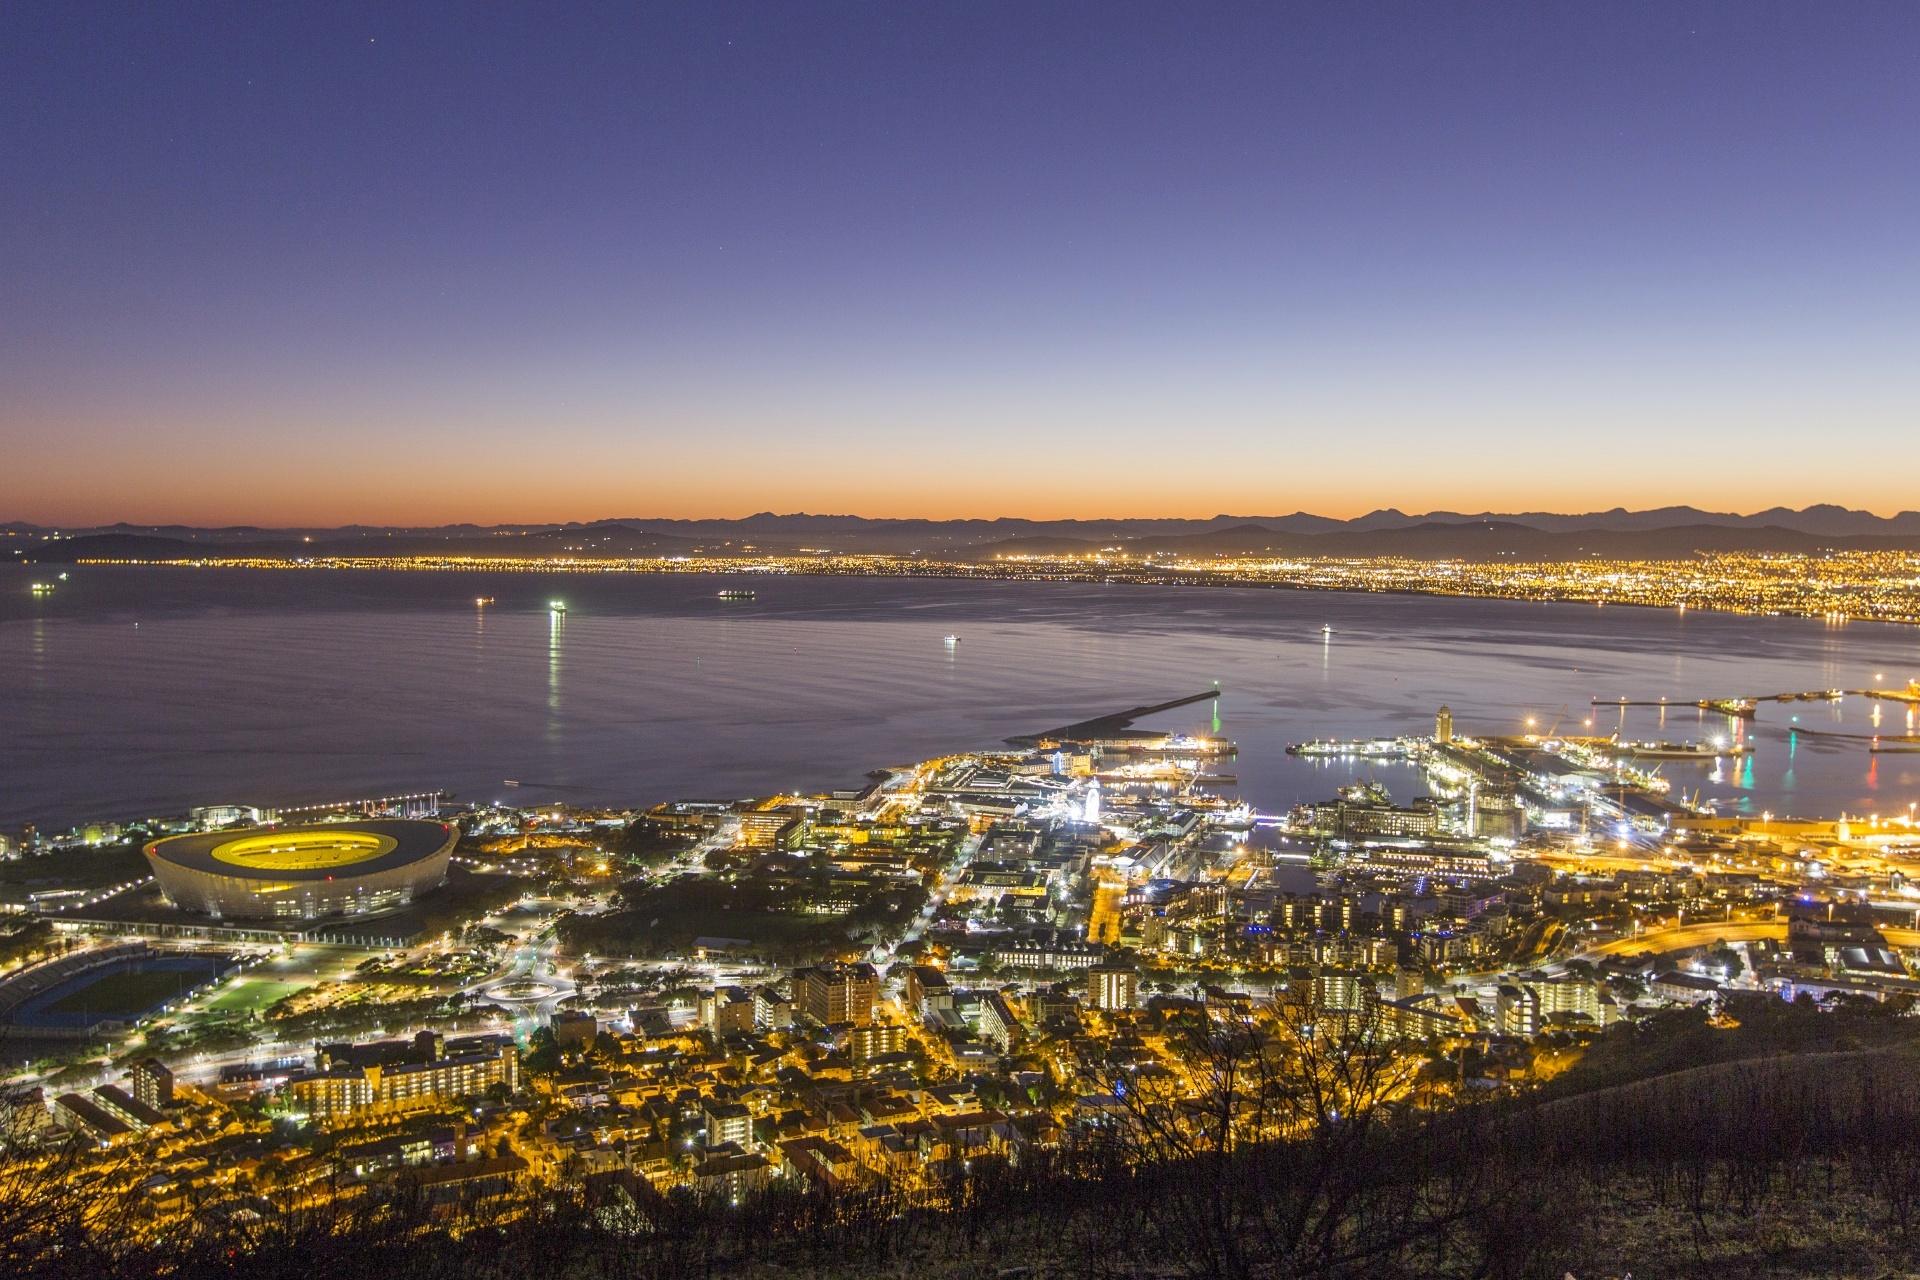 夜明けのケープタウン 南アフリカの風景